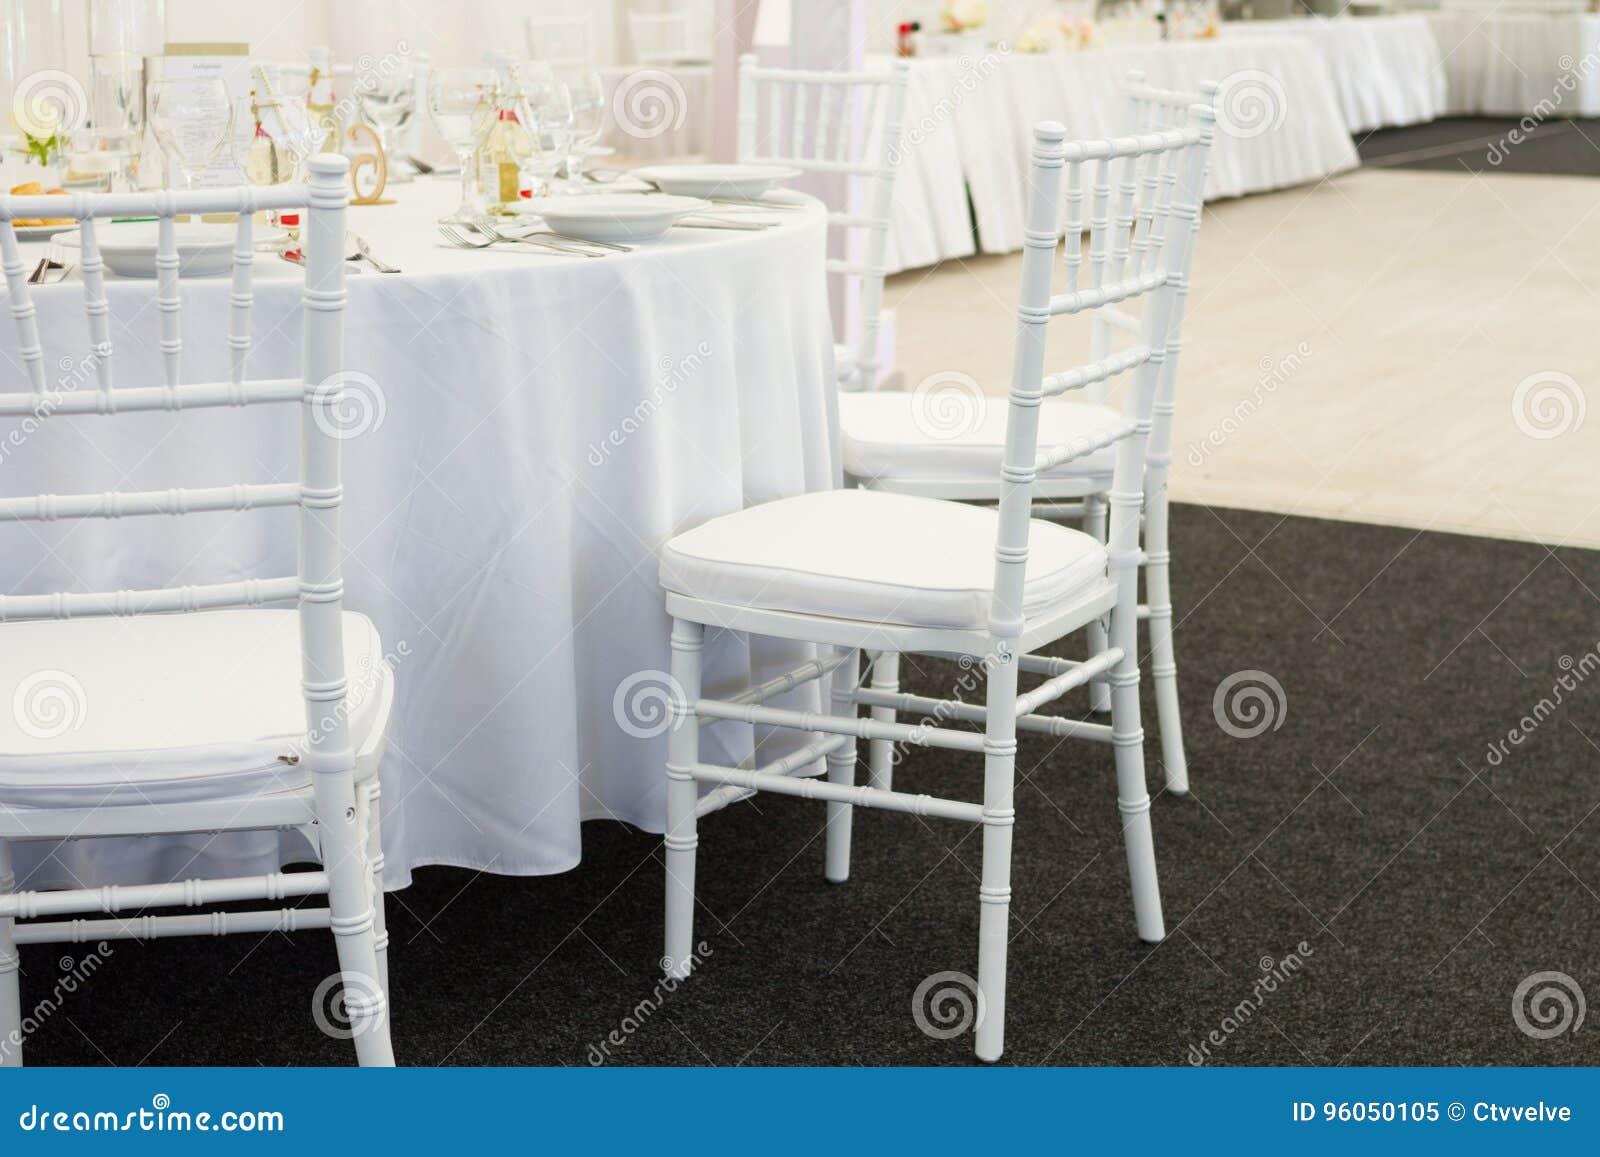 Table de fantaisie mise pour un dîner de mariage